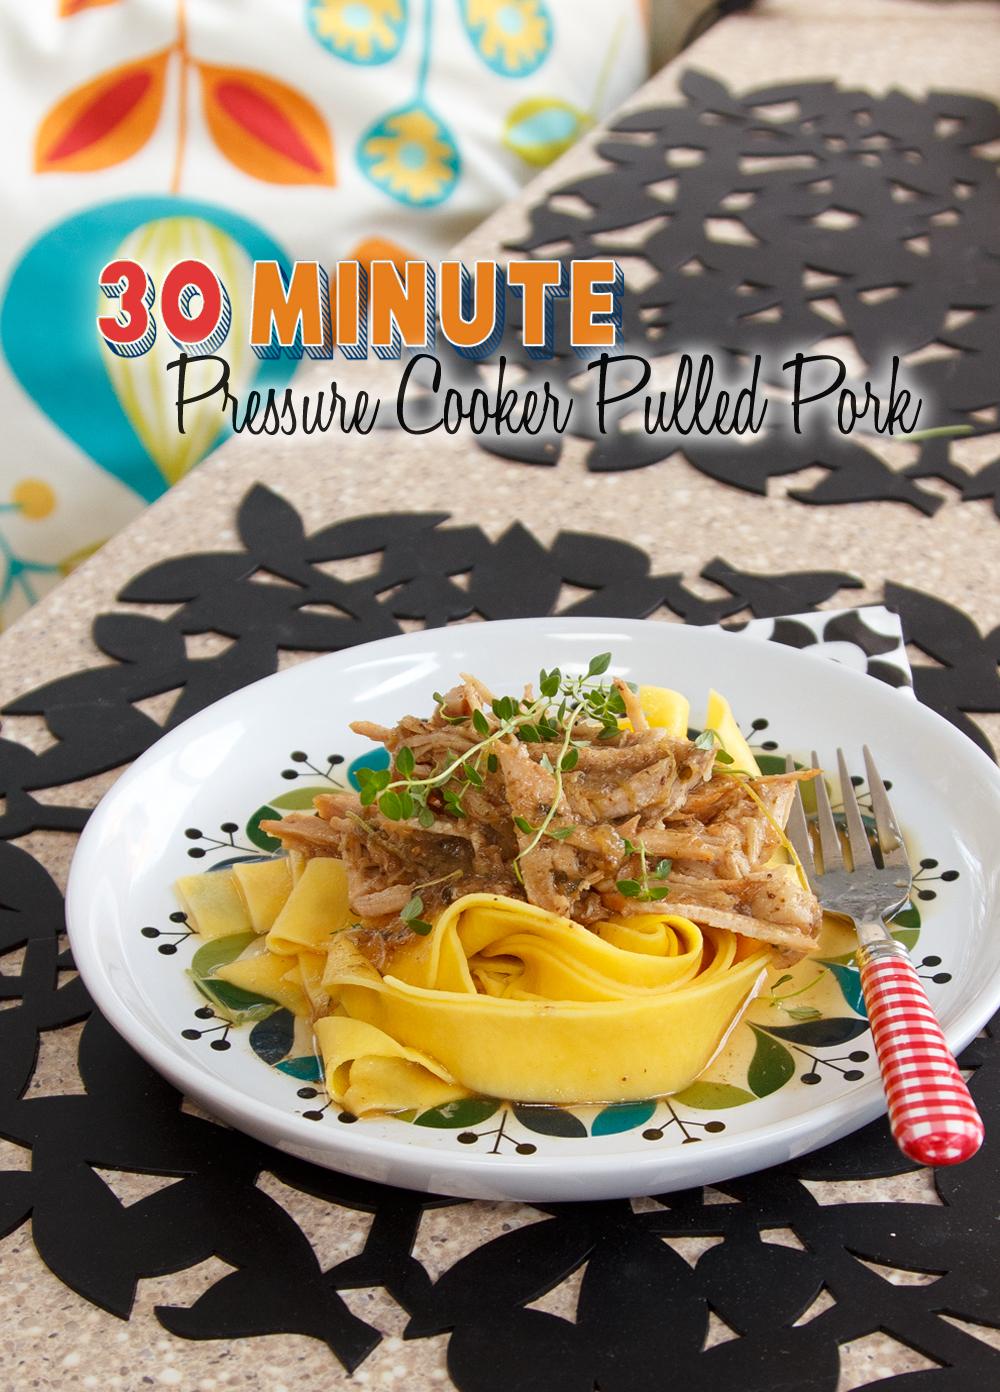 30 Minute Pressure Cooker Pulled Pork